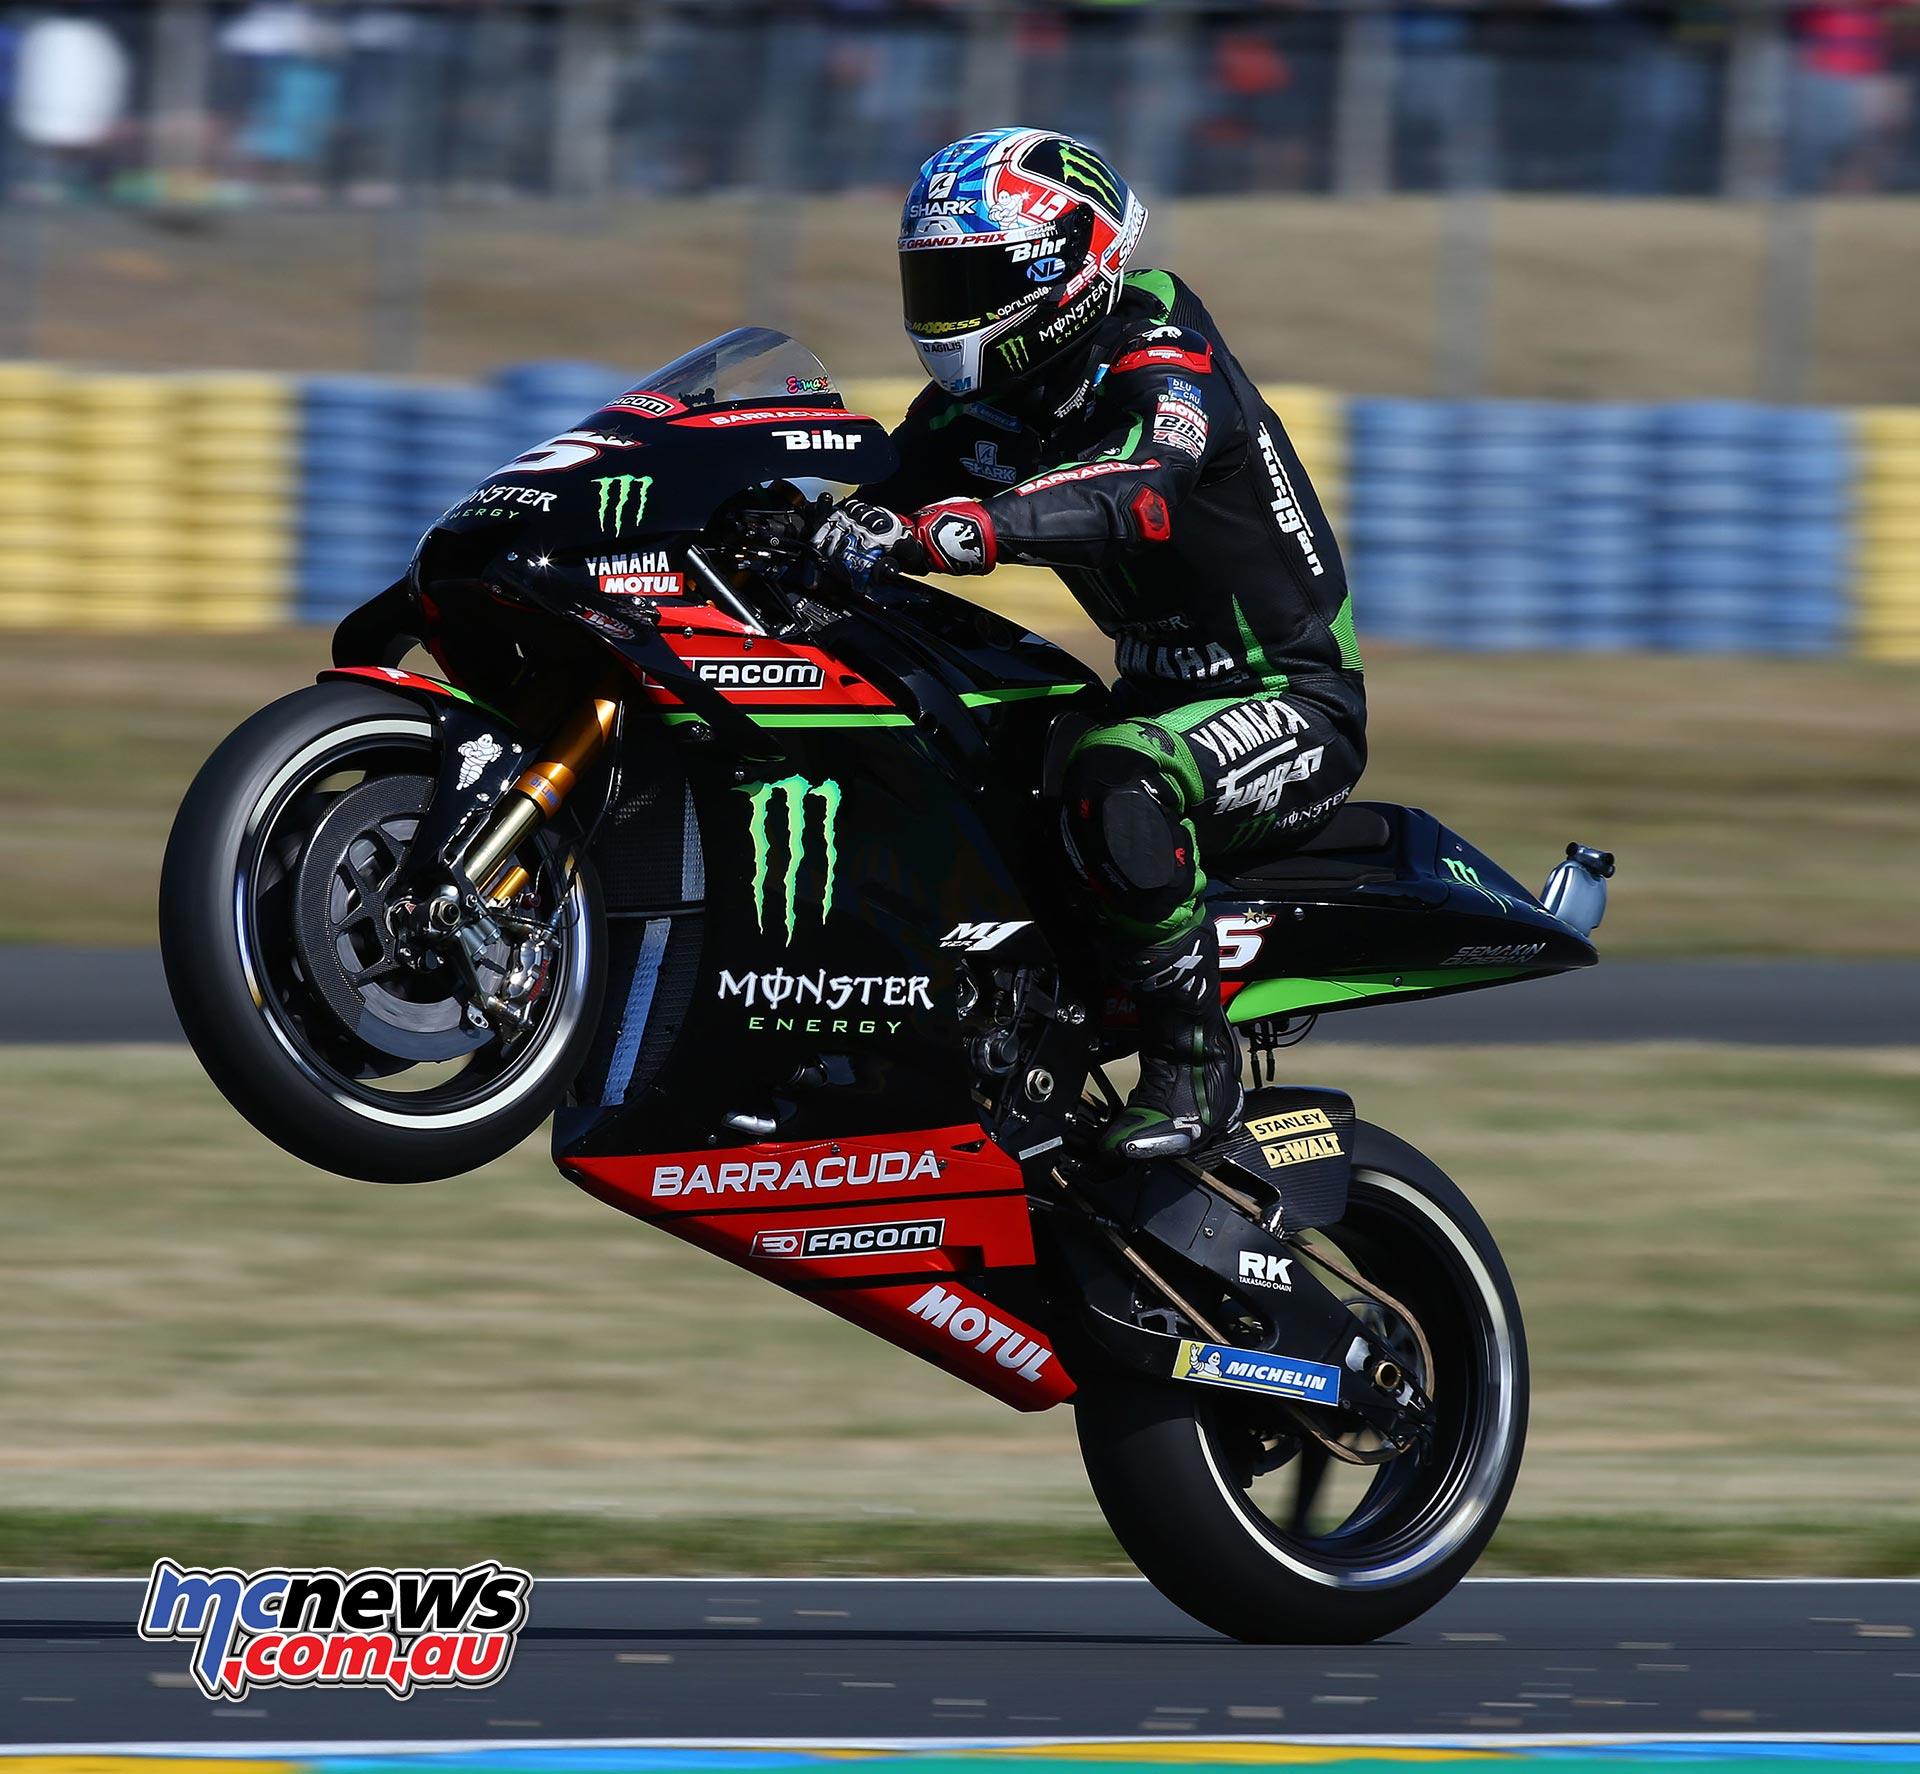 Motogp 2018: 2018 Le Mans MotoGP Images